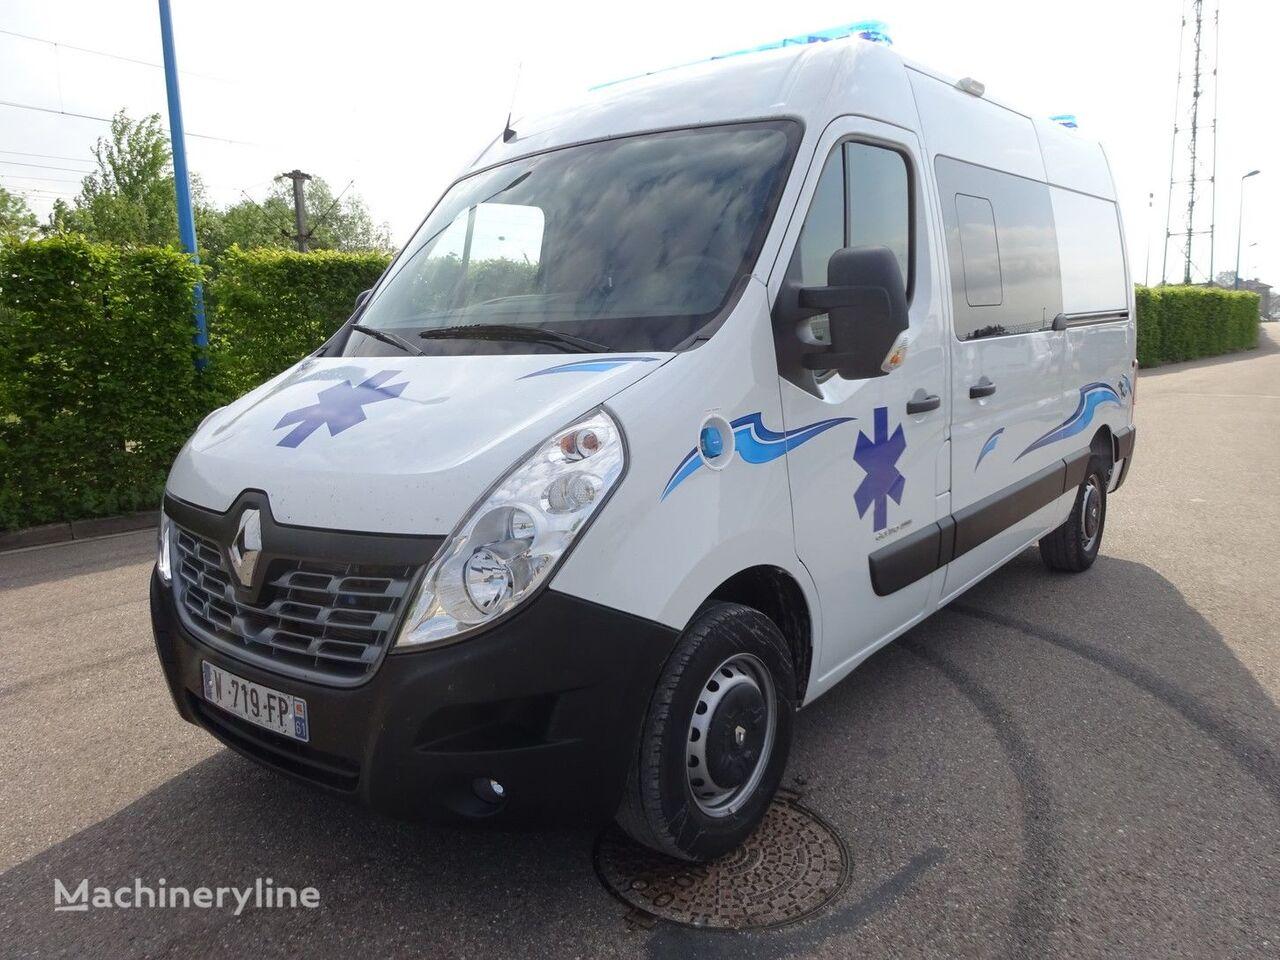 jauns RENAULT RENAULT MASTER L2H2 170 CV 2018 mikroautobuss ātrās palīdzības mašīna